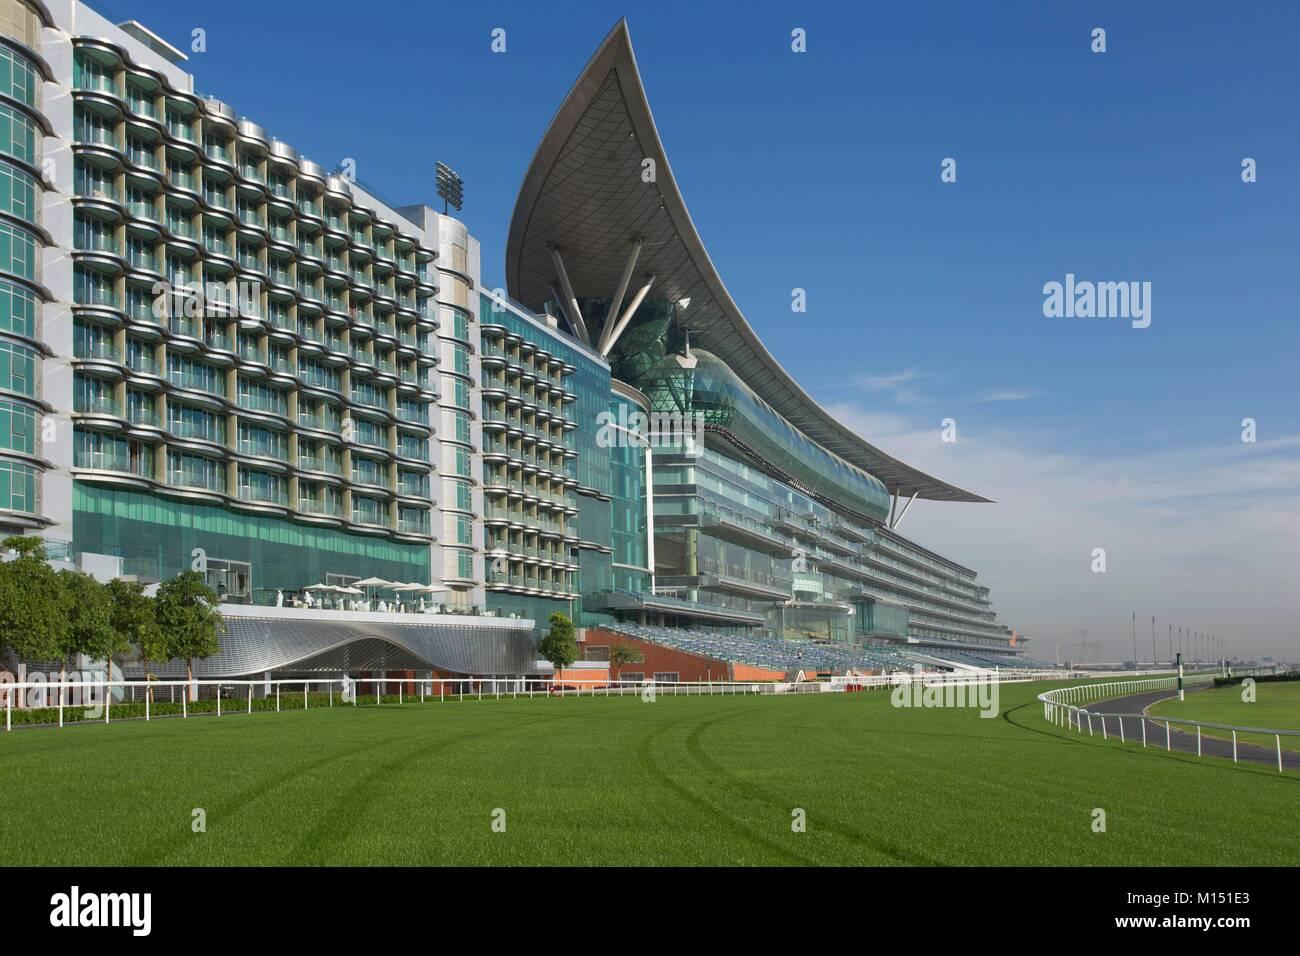 Vereinigte Arabische Emirate, Dubai, Meydan Rennstrecke Stockbild